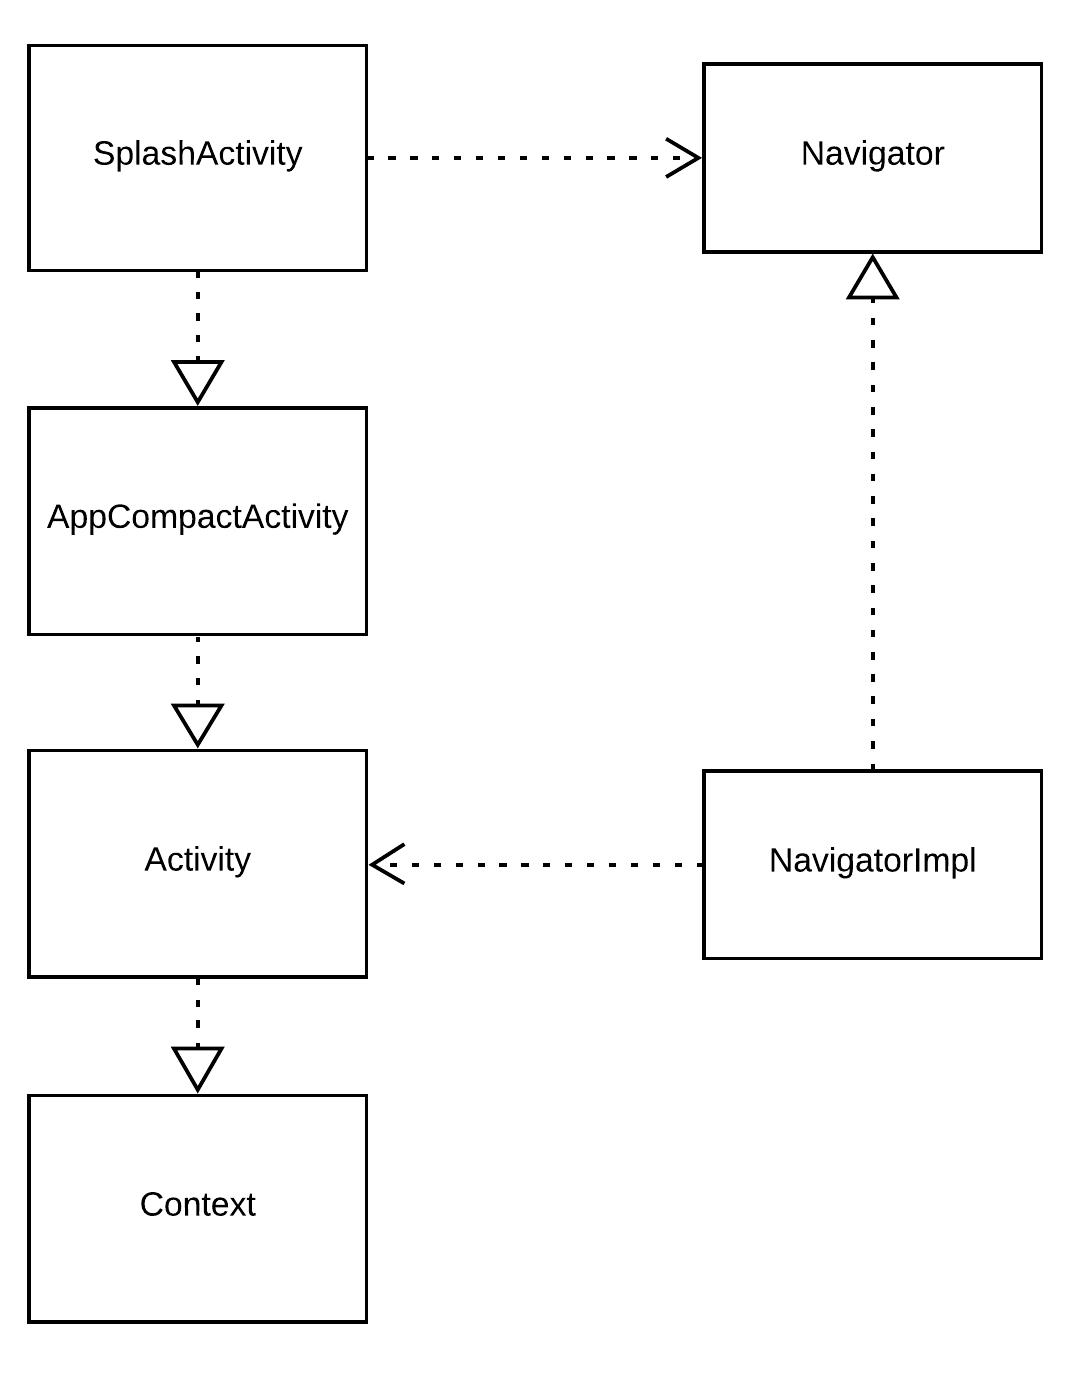 Figure 4.1 — The dependency between Navigator and SplashActivity